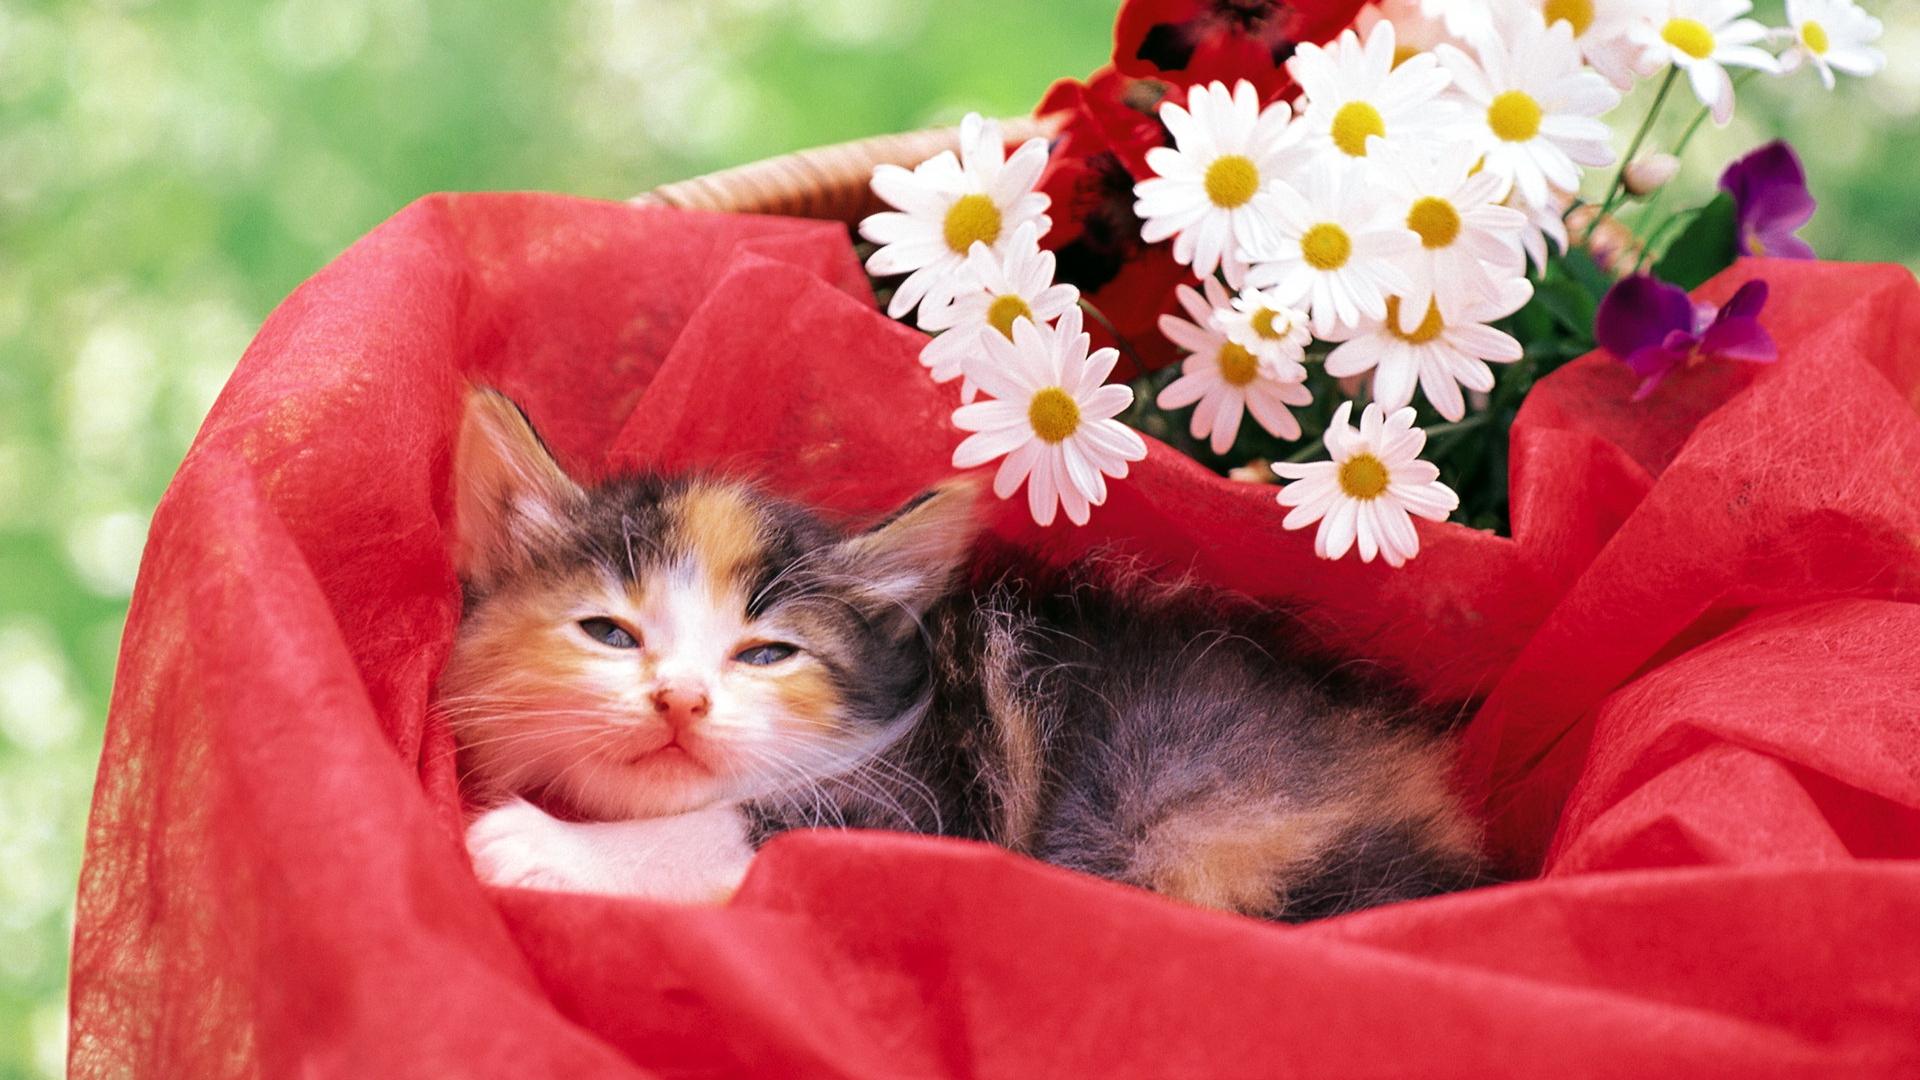 Красивая персикового цвета кошка, обои с кошками 79